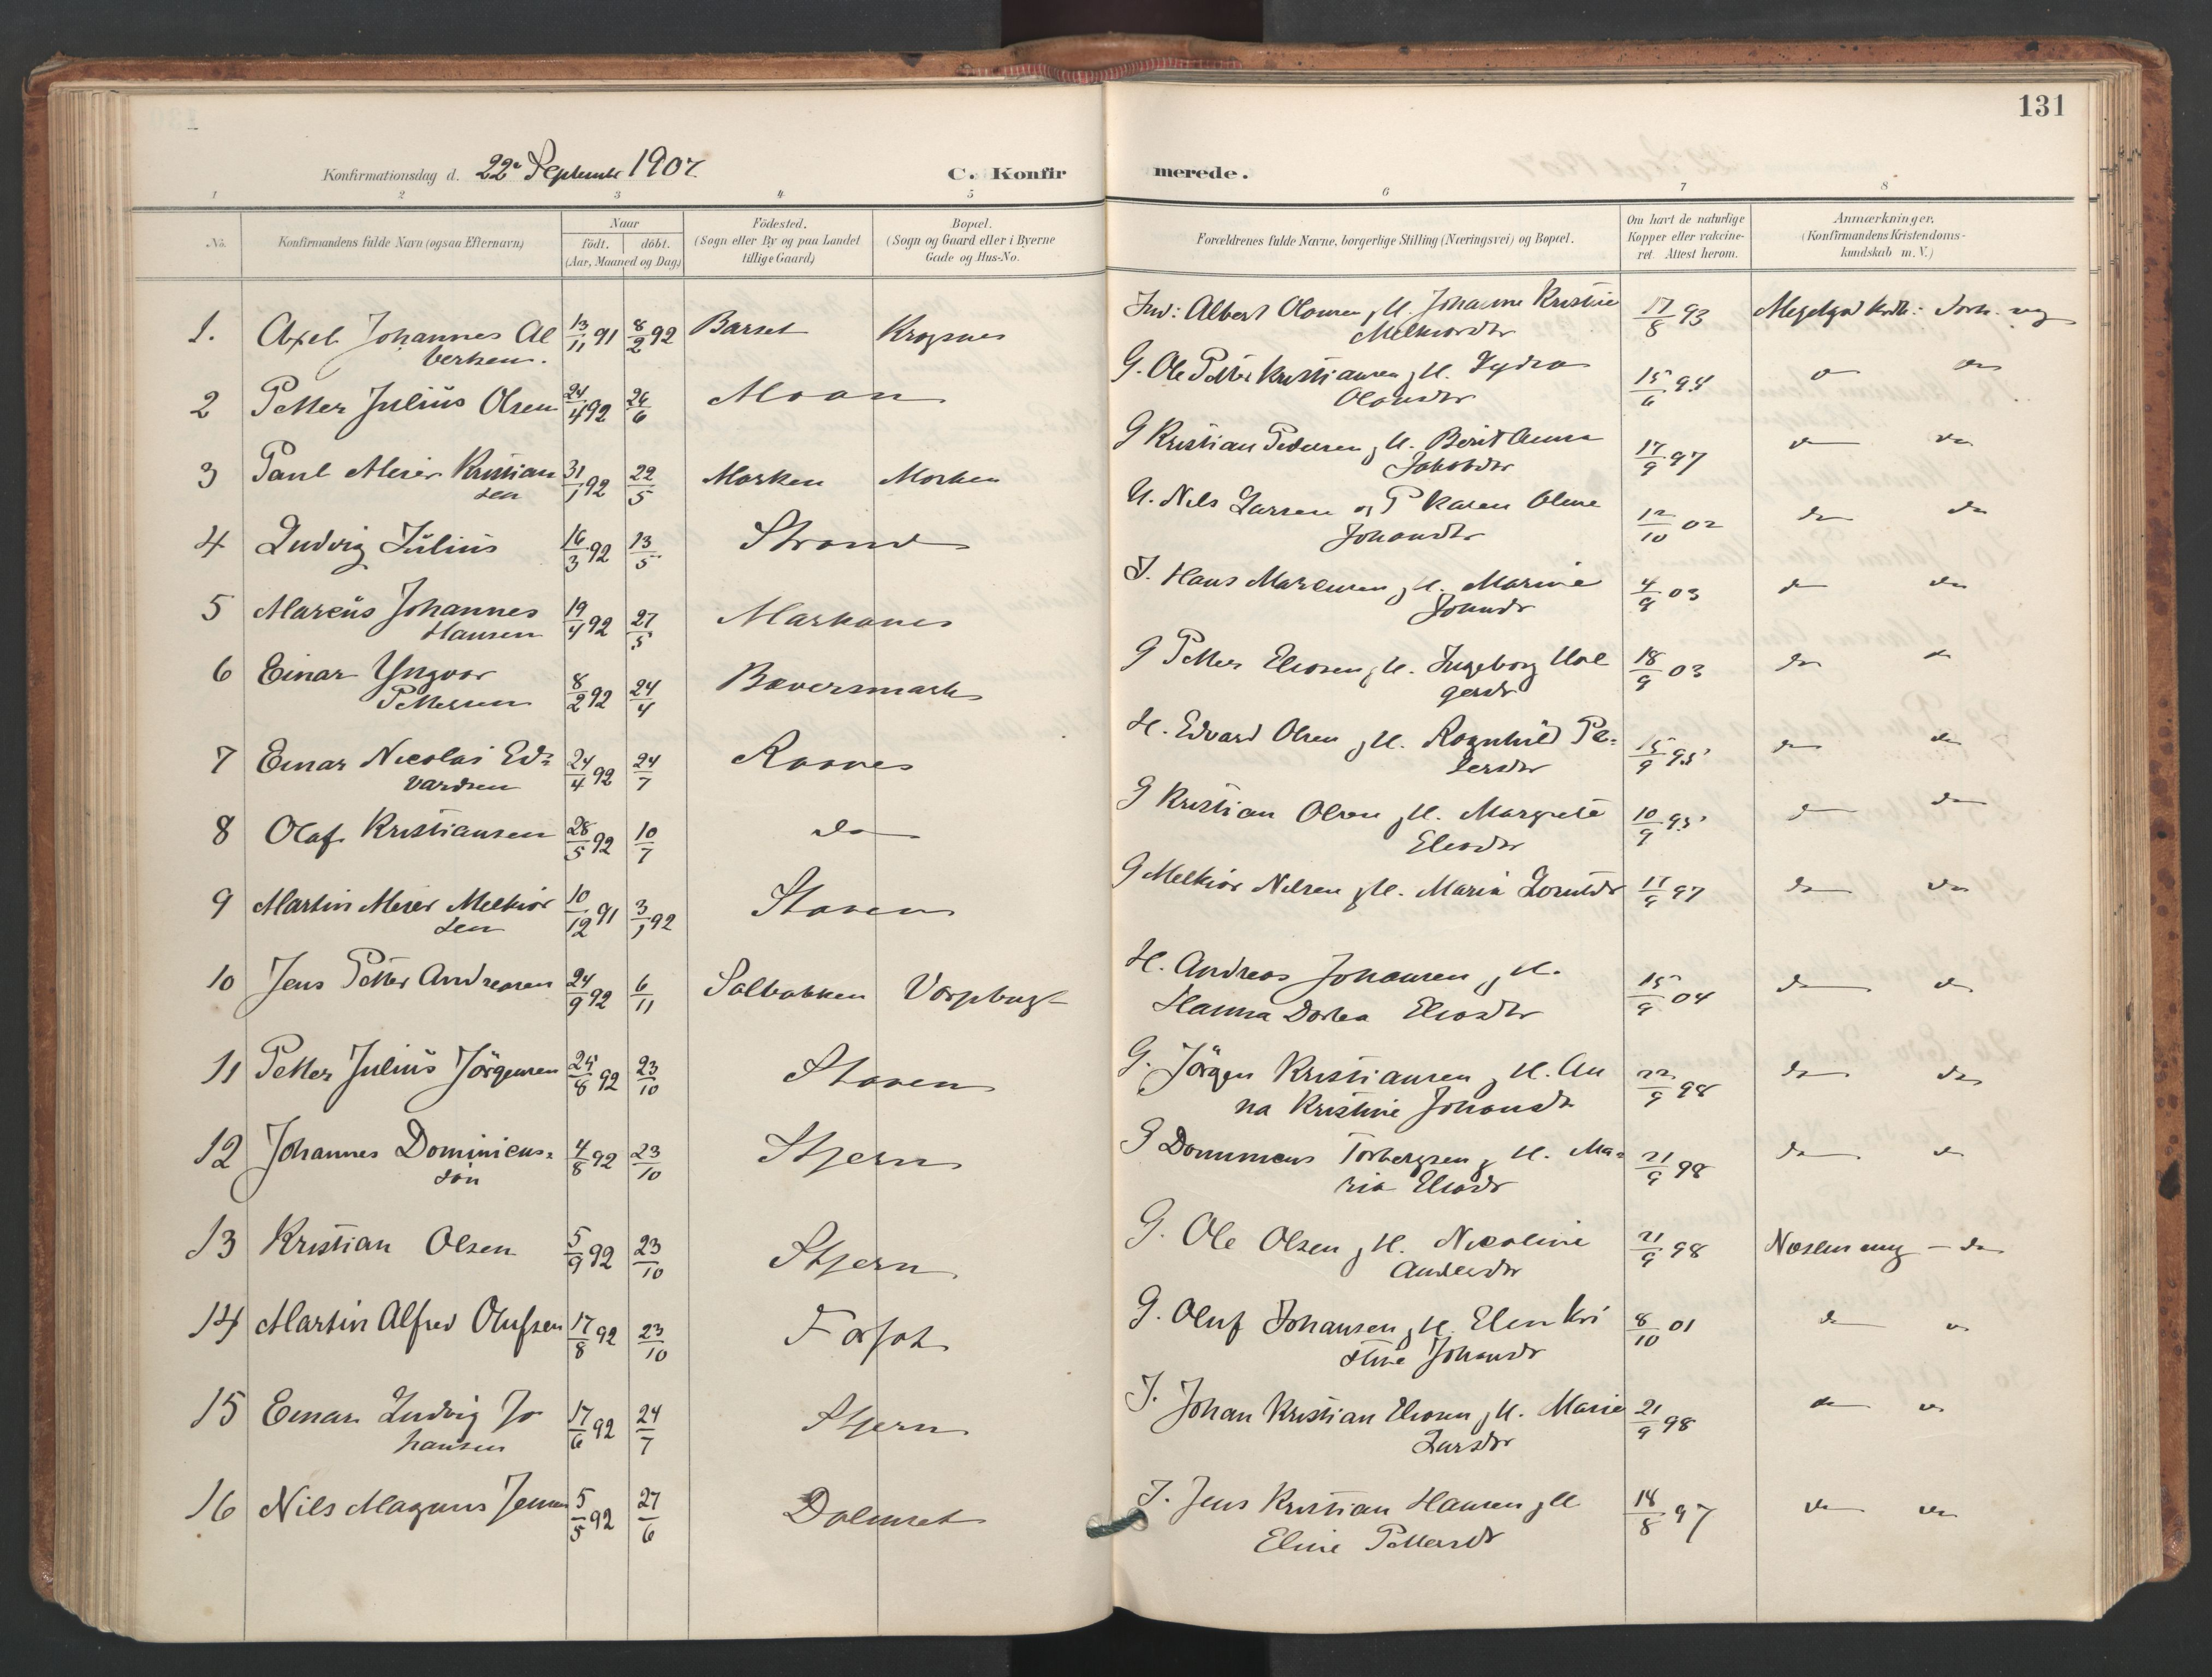 SAT, Ministerialprotokoller, klokkerbøker og fødselsregistre - Sør-Trøndelag, 655/L0681: Ministerialbok nr. 655A10, 1895-1907, s. 131